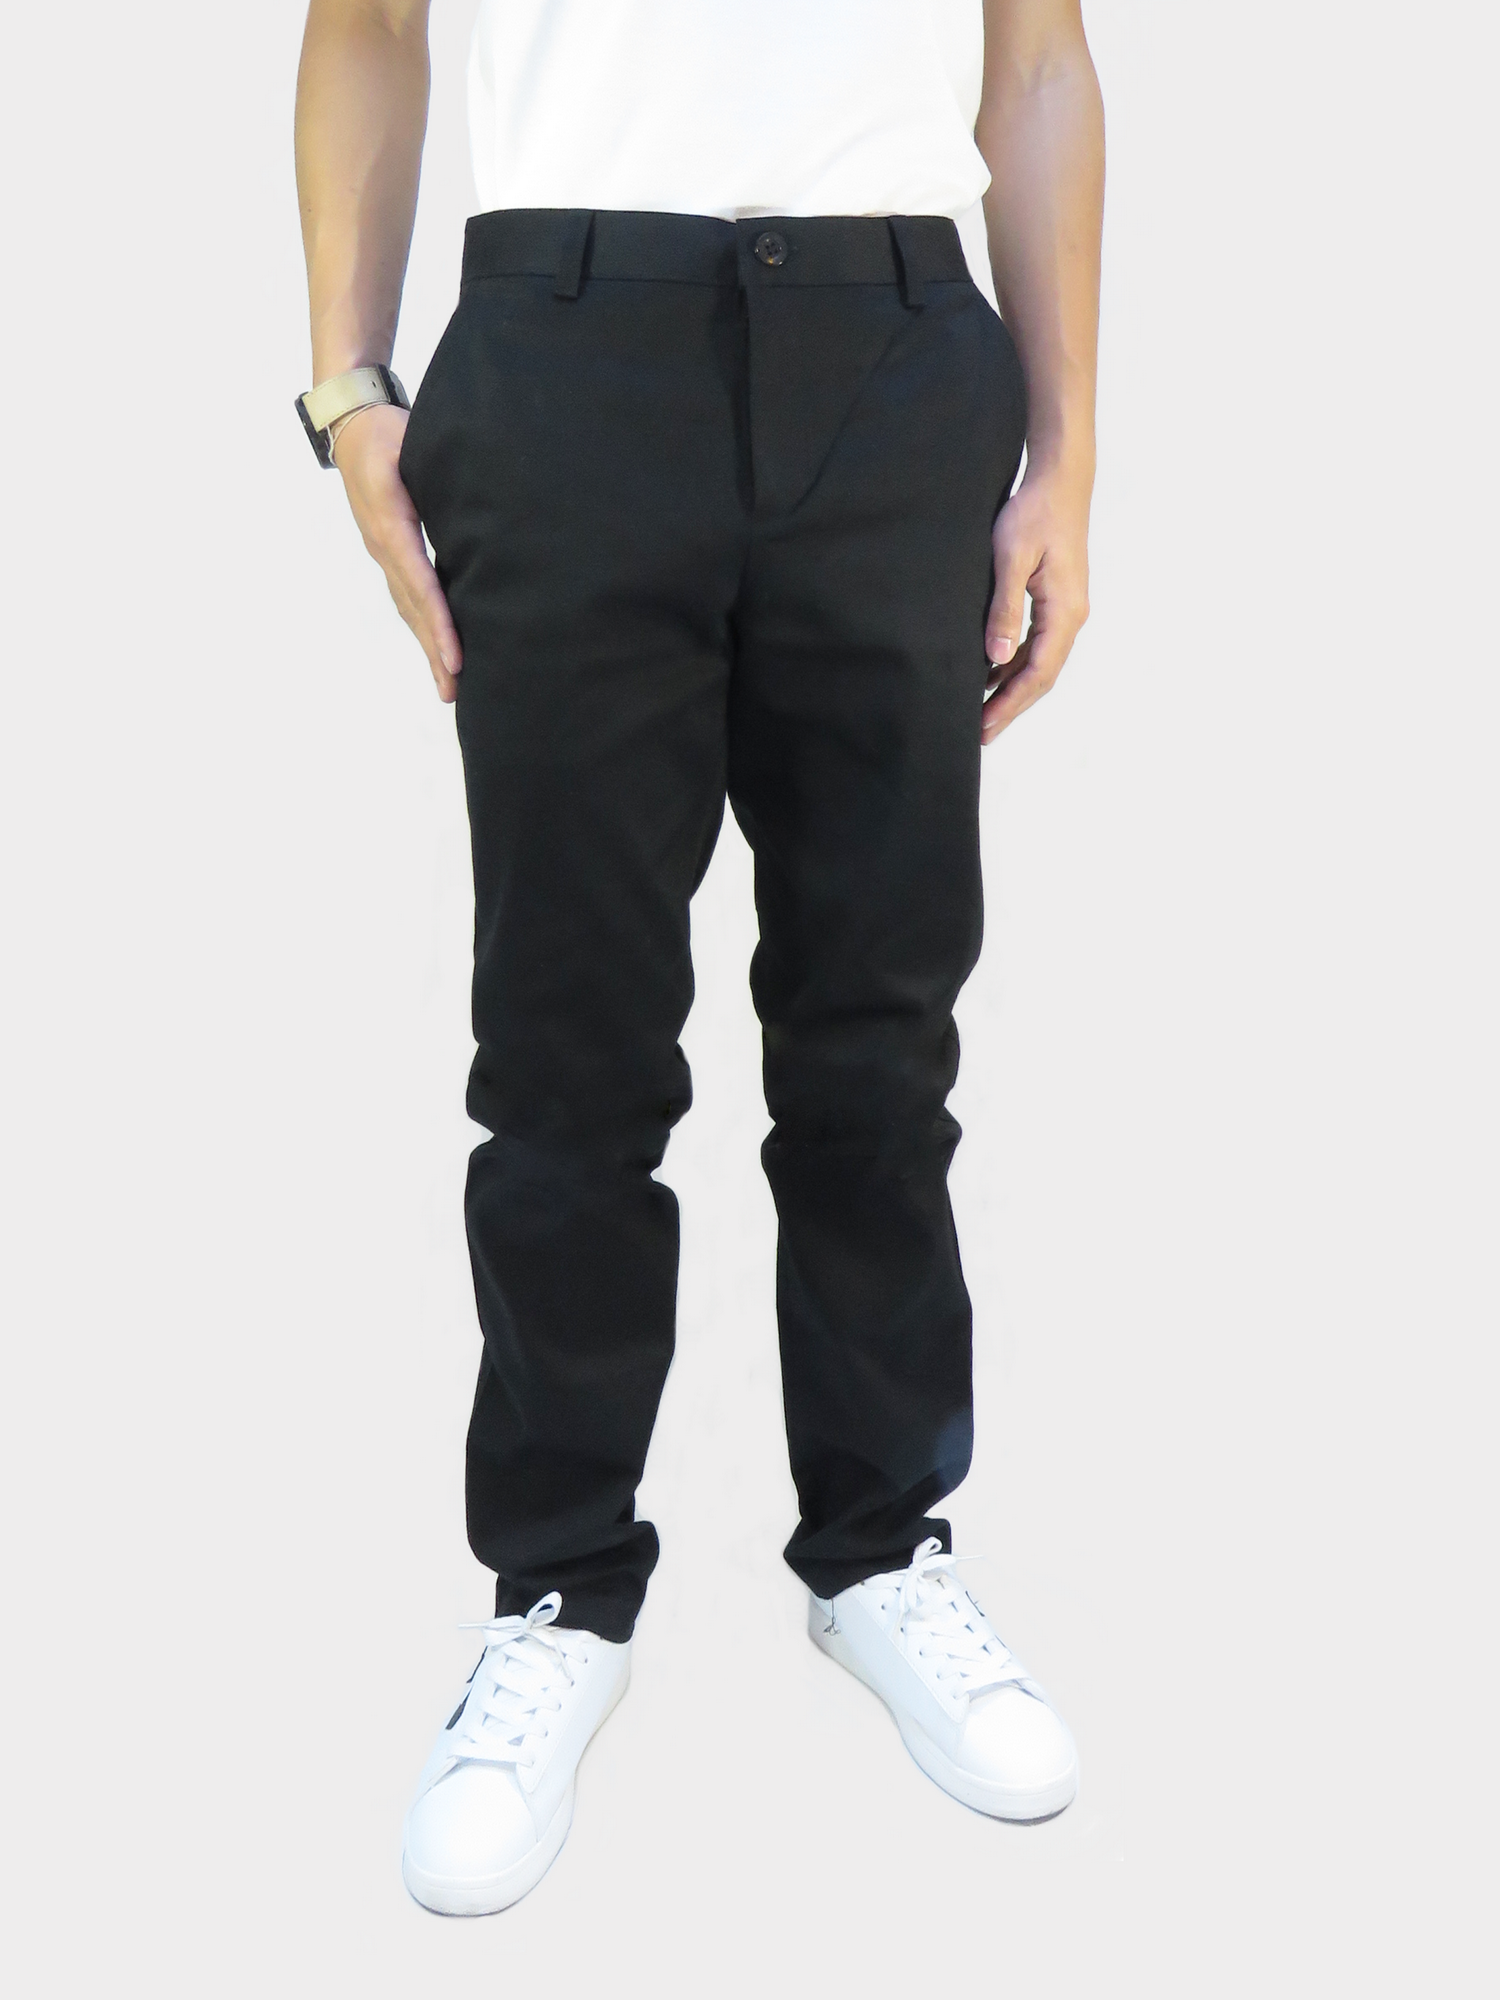 กางเกงขายาว กางเกงชิโน่ ผ้ายืด สีดำ